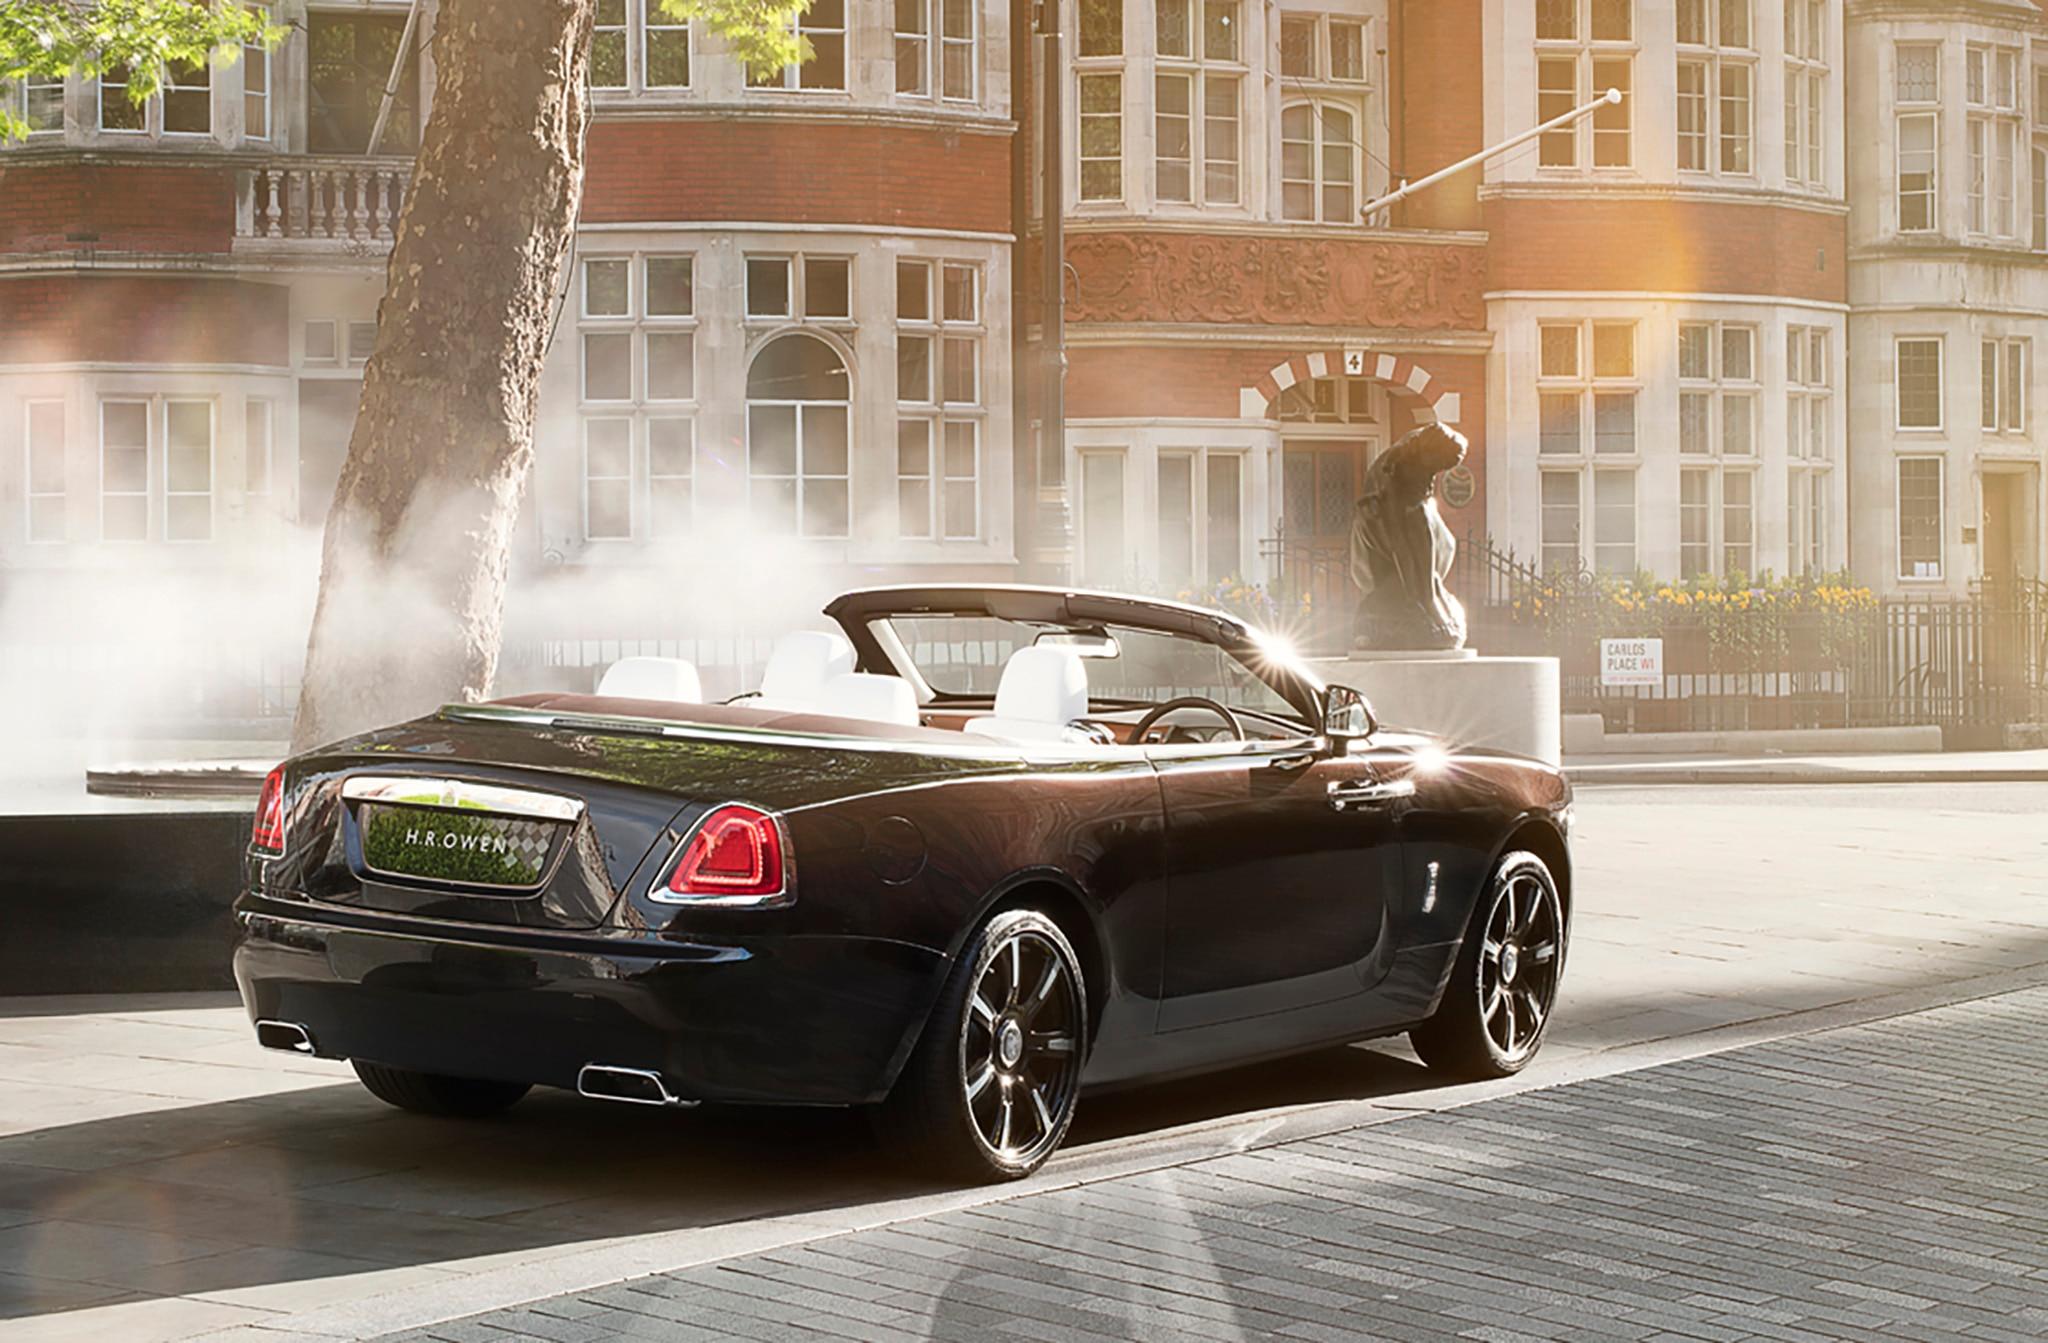 London Motor Cars >> Rolls-Royce Dawn Mayfair Edition Offered by H.R. Owen ...